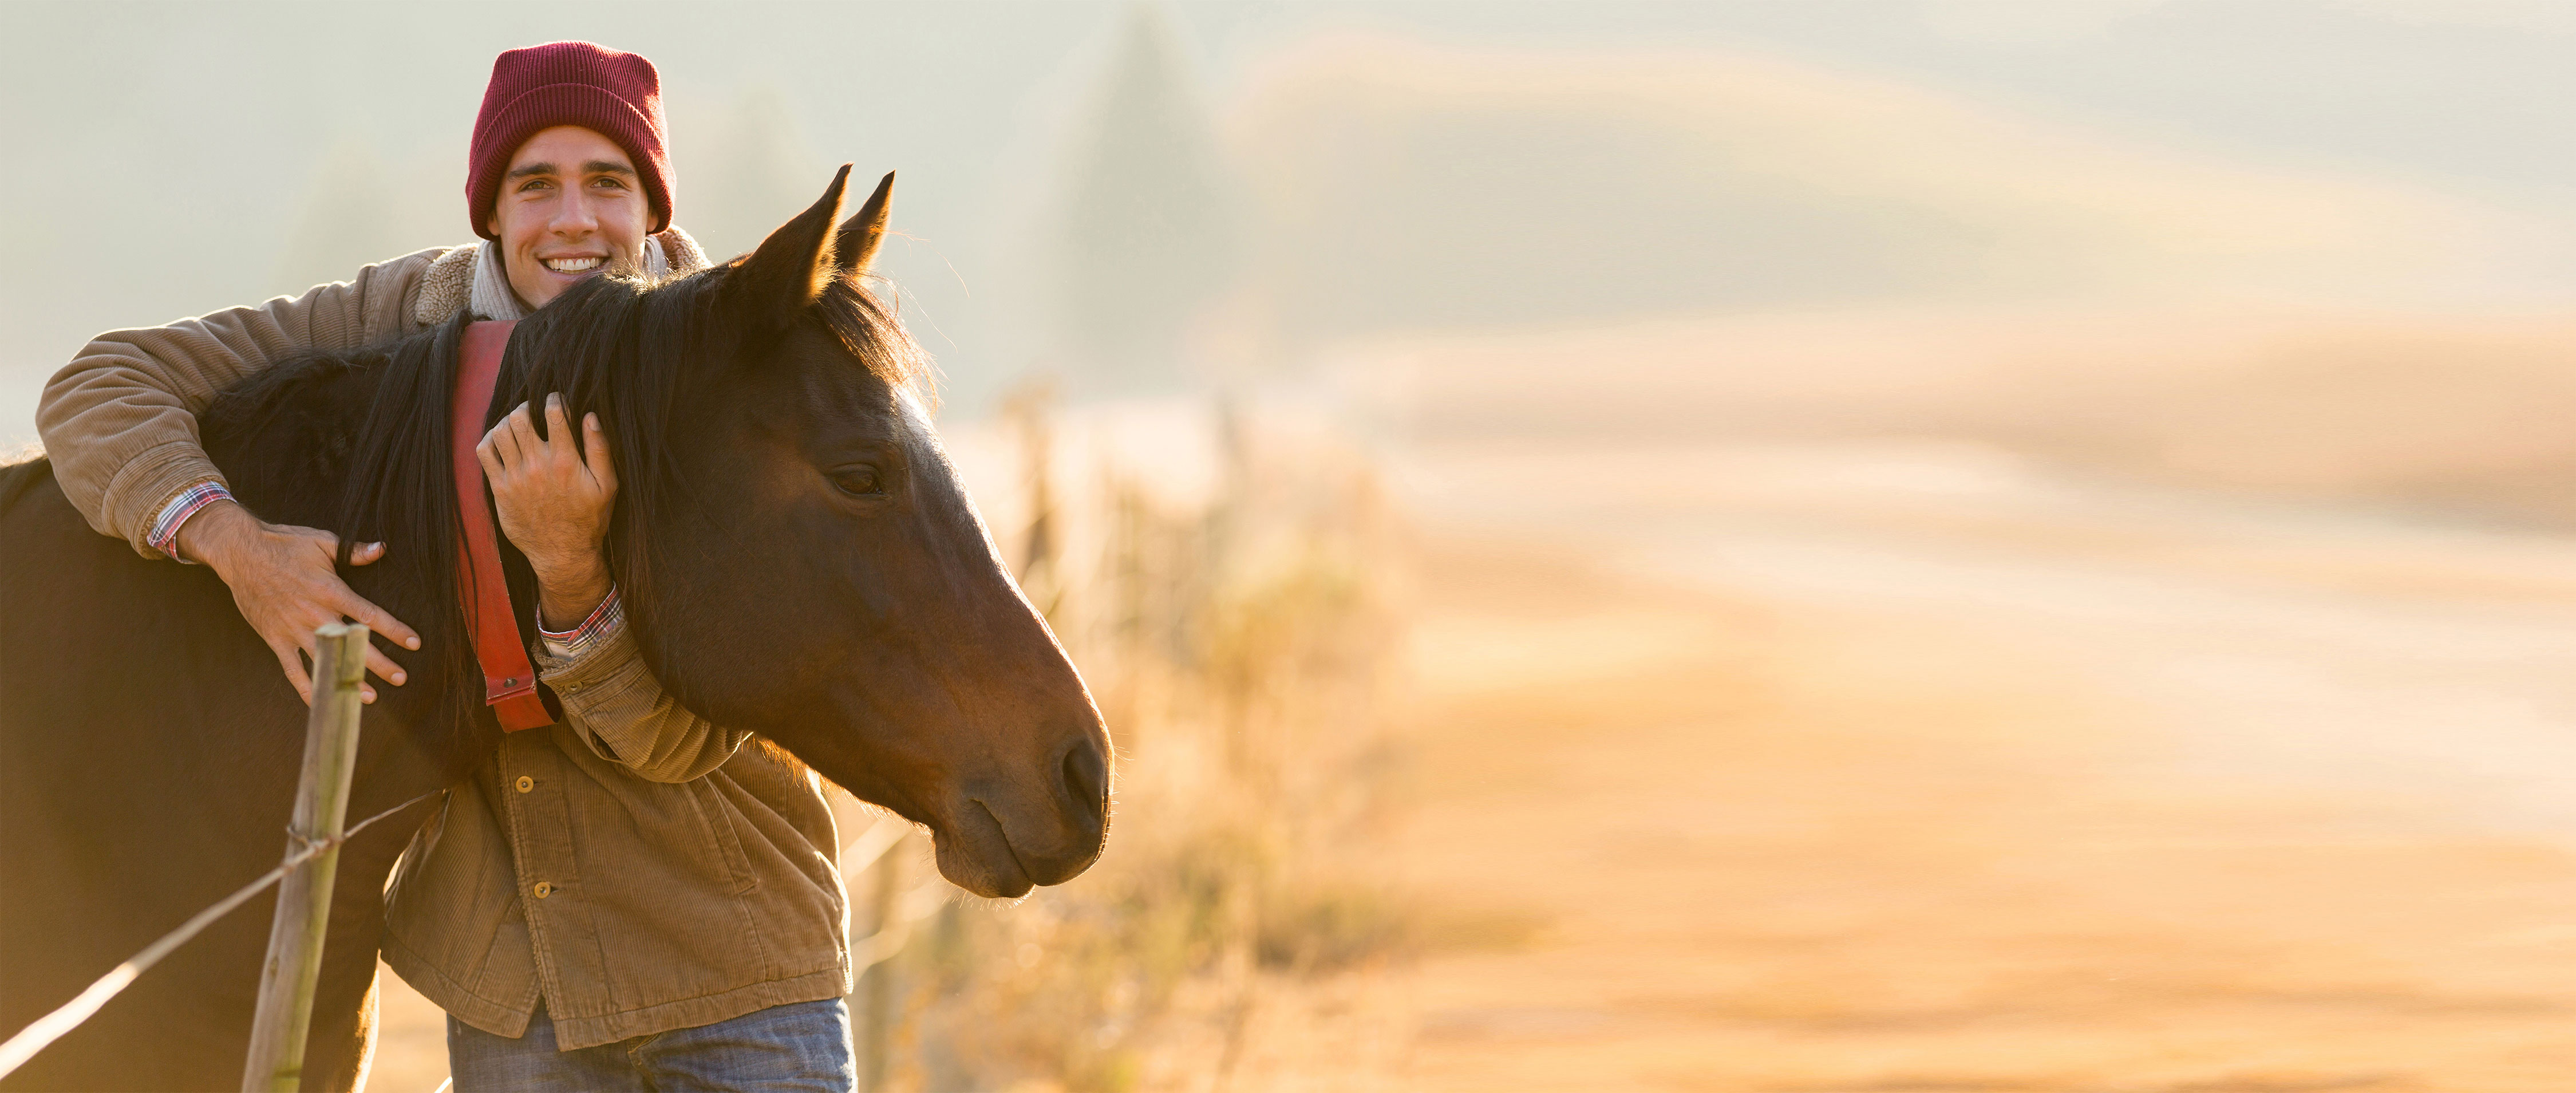 Junger Mann umarmt sein Pferd in der Natur